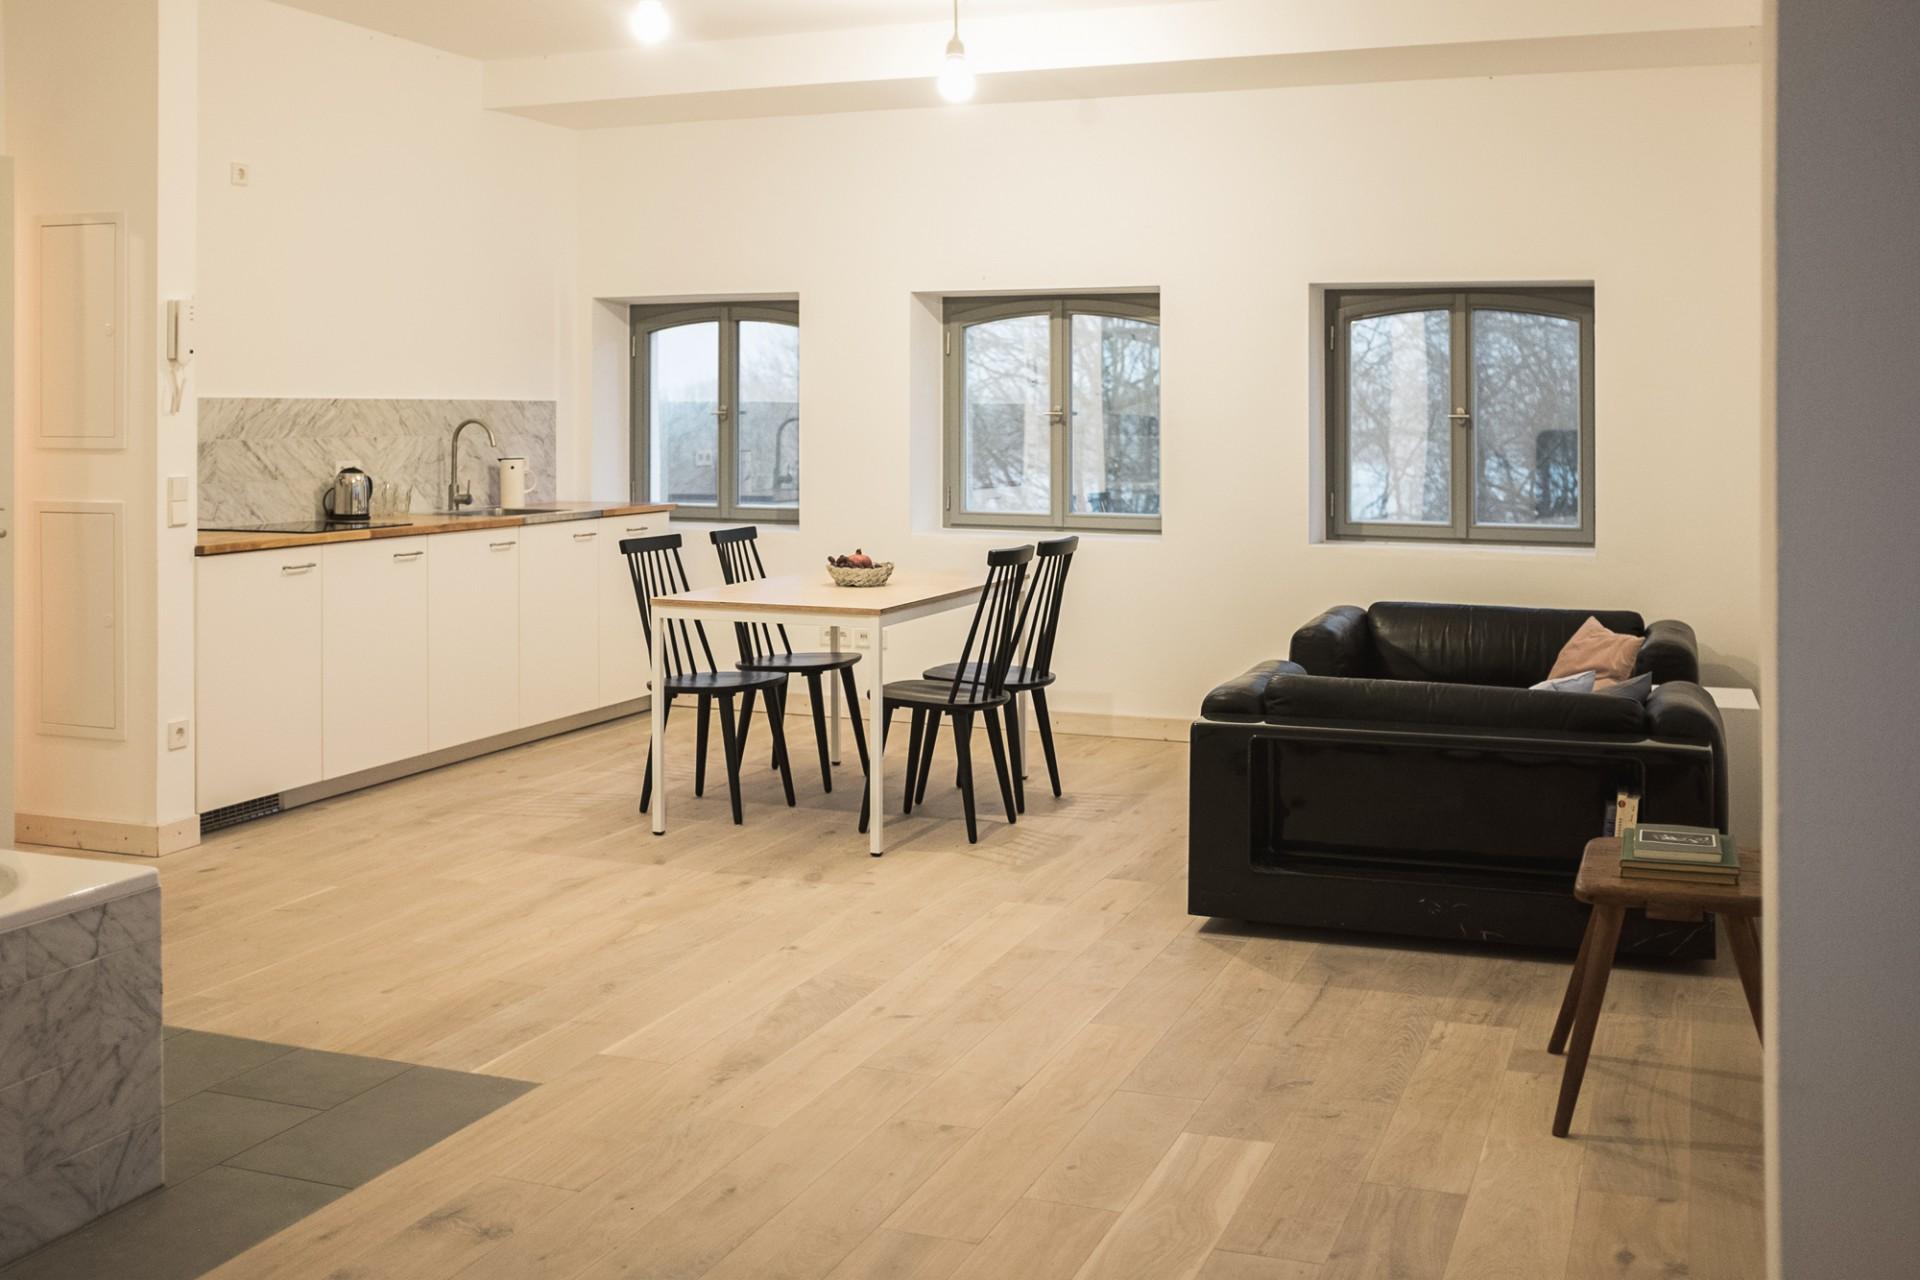 Gut Üselitz – Ferienwohnungen und Veranstaltungsort Wohnung 2. OG rechts (2)